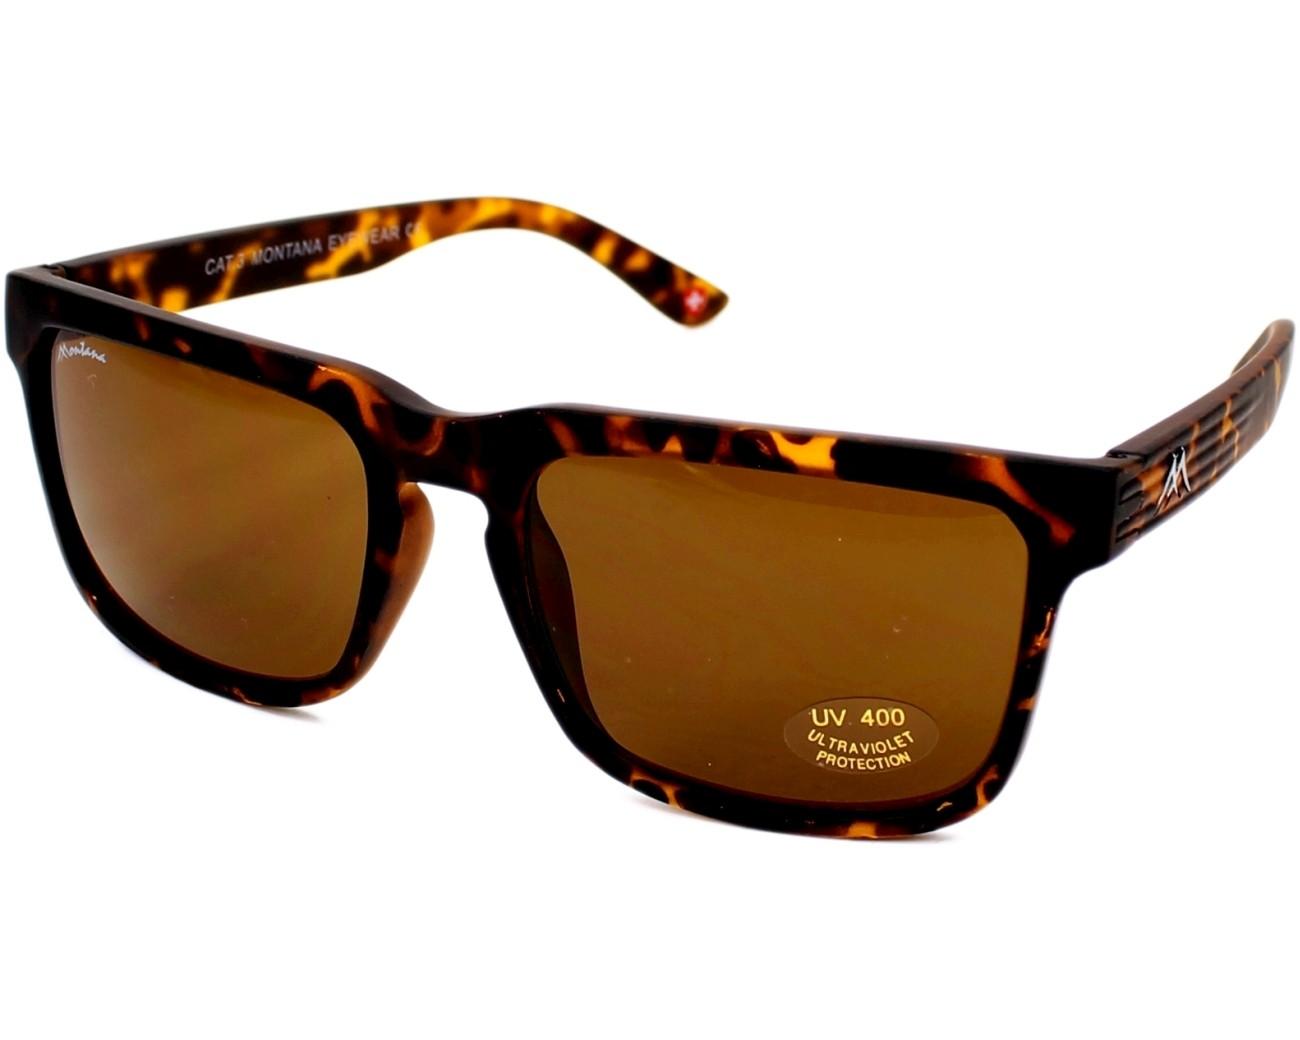 Montana Eyewear S26-Havanna MHQrUn